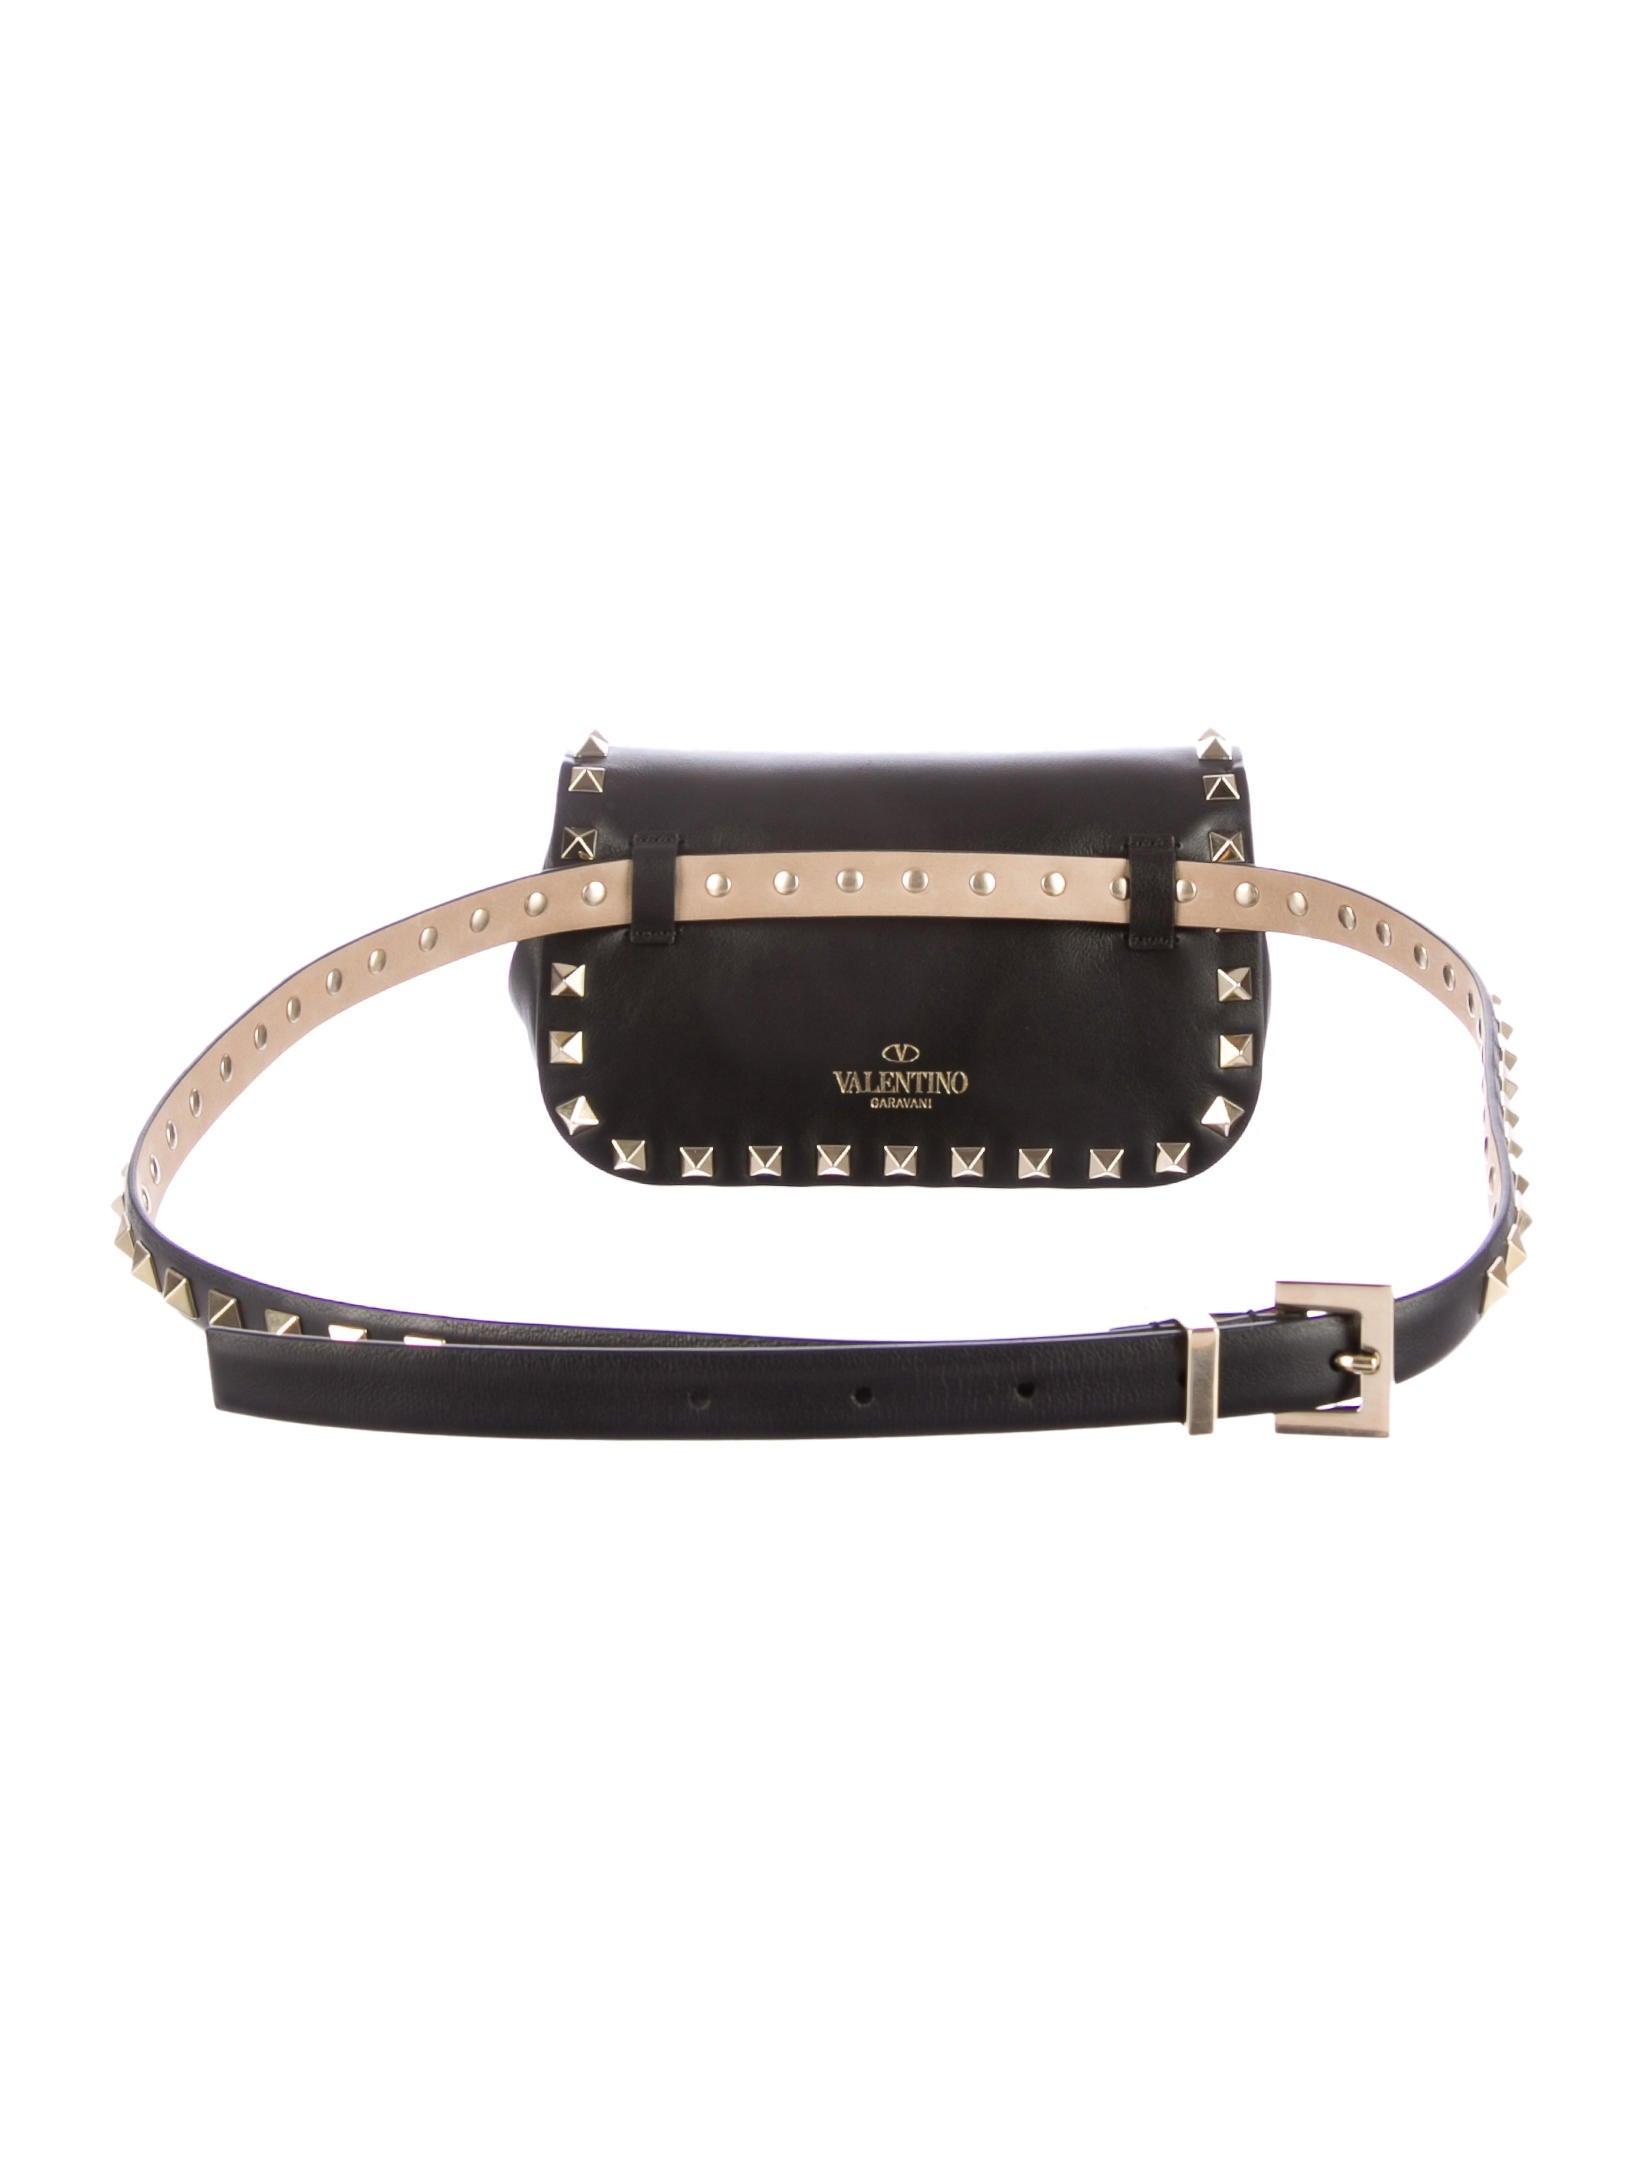 Valentino Rockstud Belt Bag Handbags Val37402 The